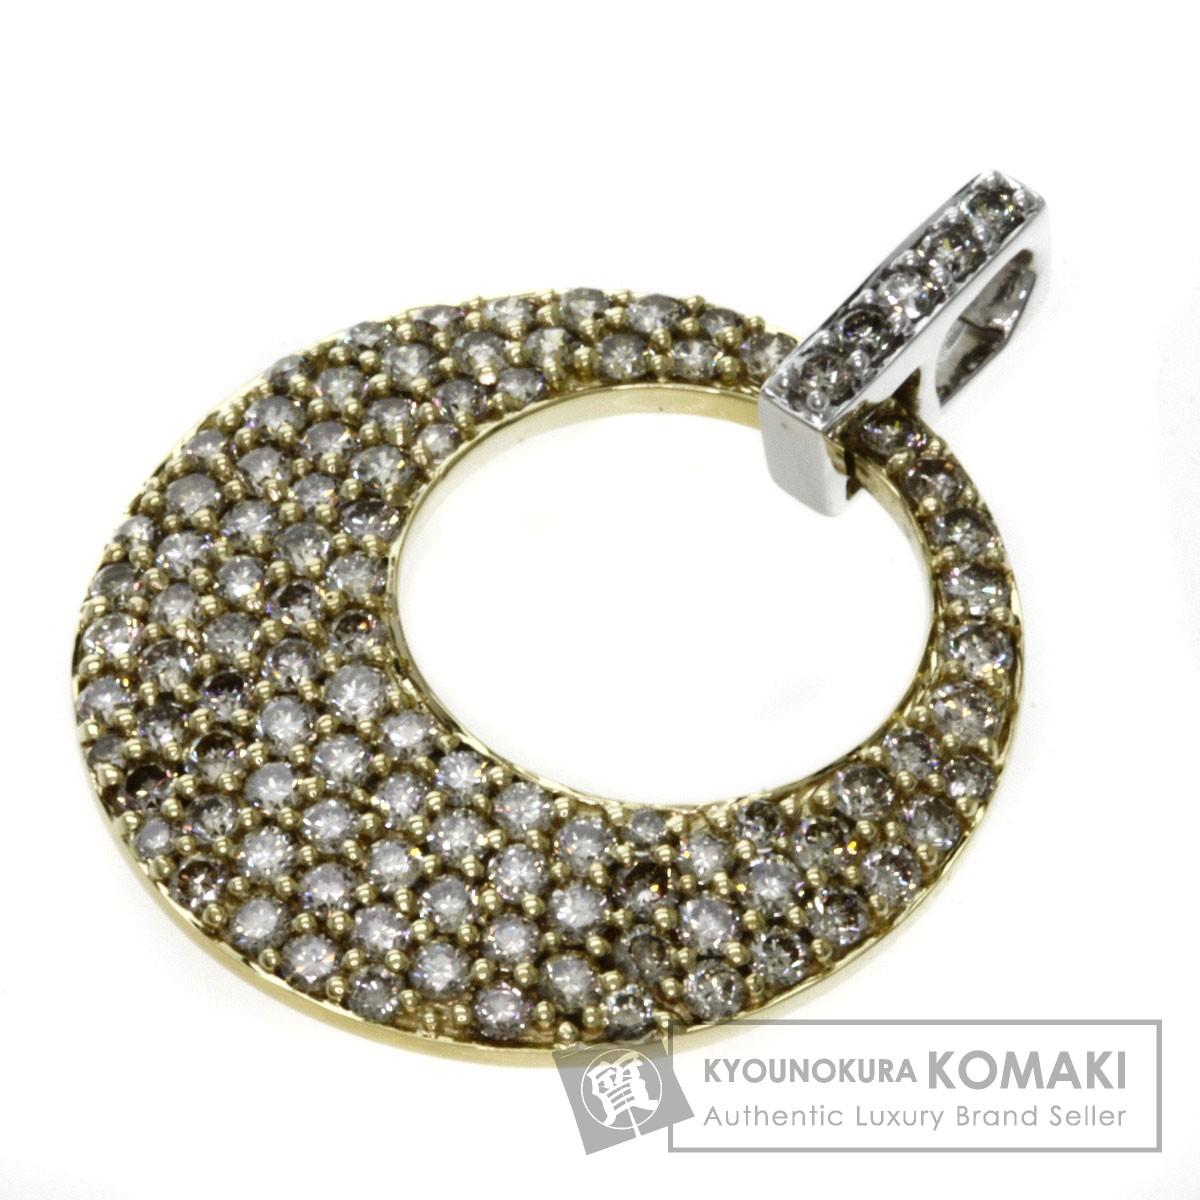 1.55ct ダイヤモンド ペンダント K18イエローゴールド/K18WG 4.3g レディース 【中古】